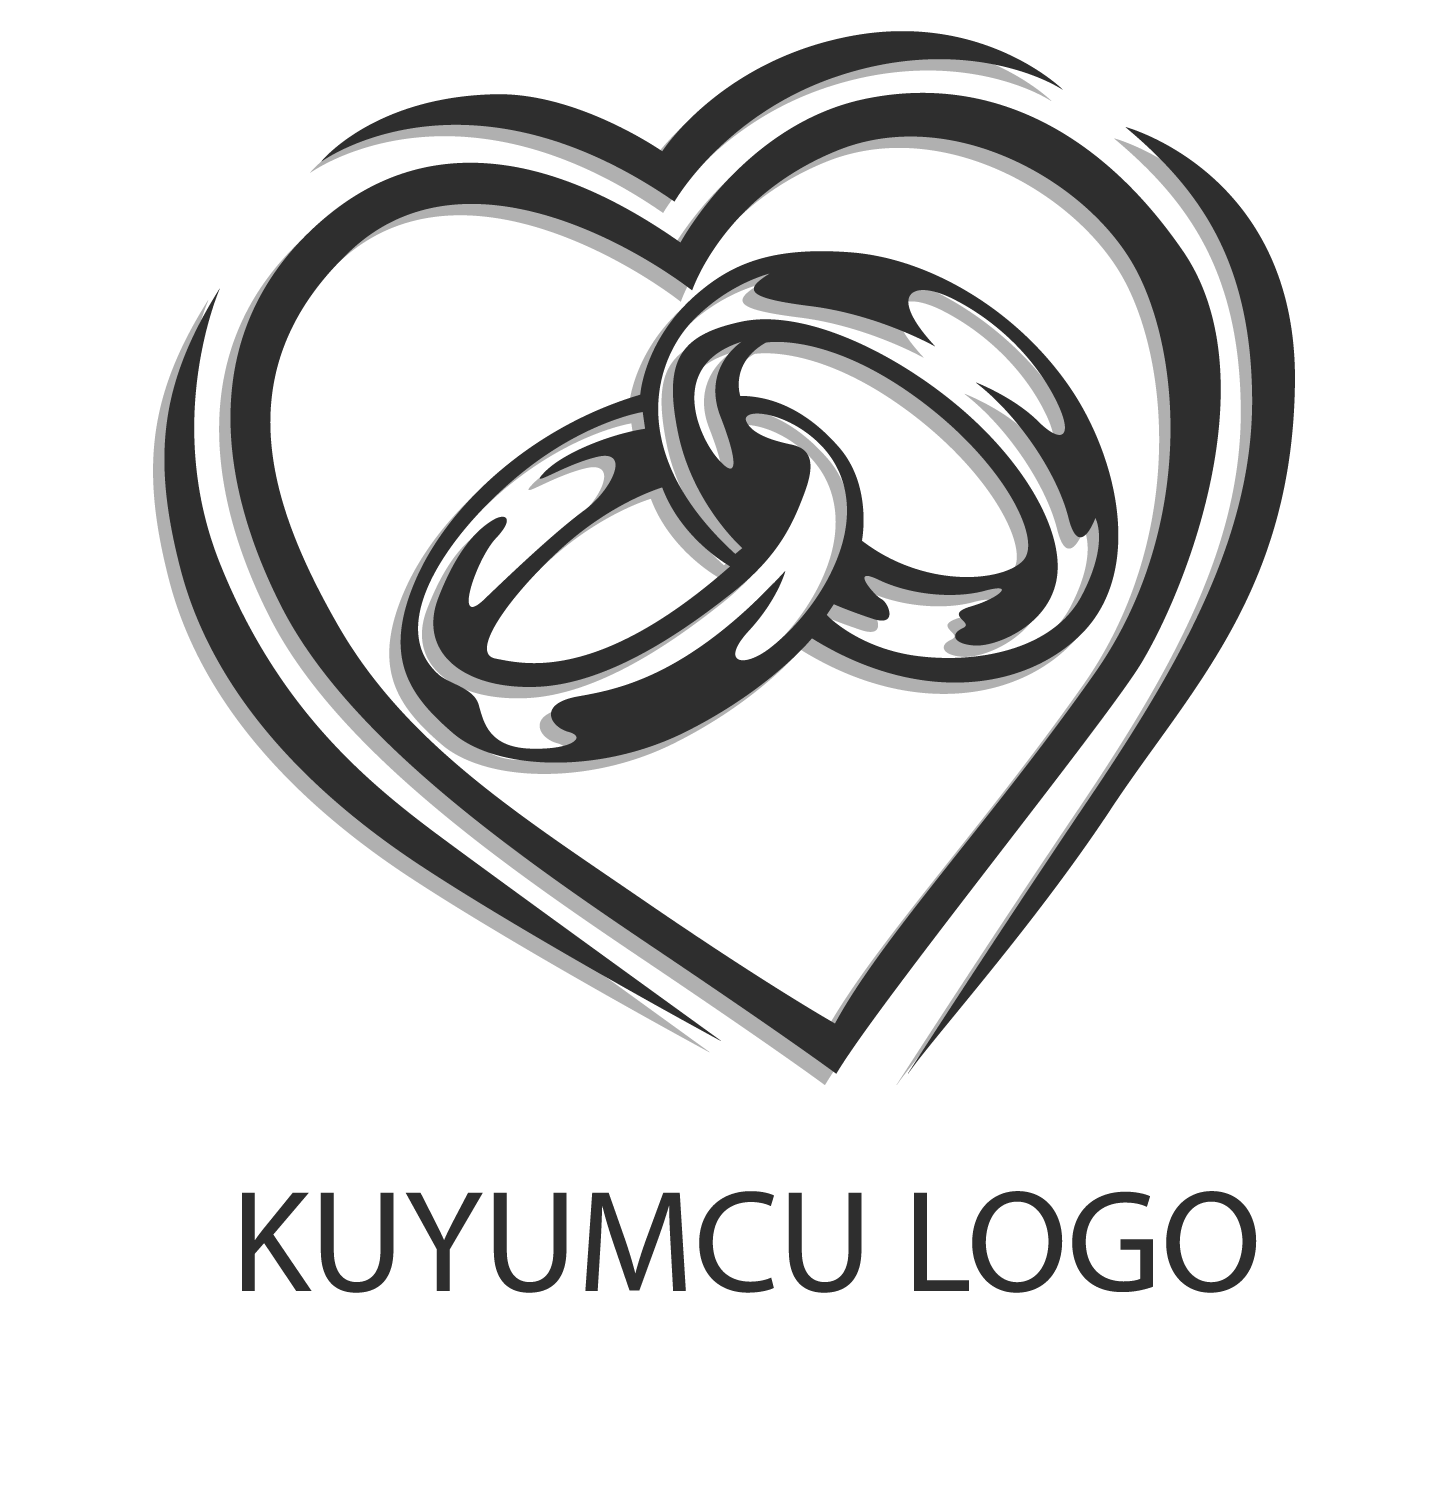 Kuyumcu Logo Vektör